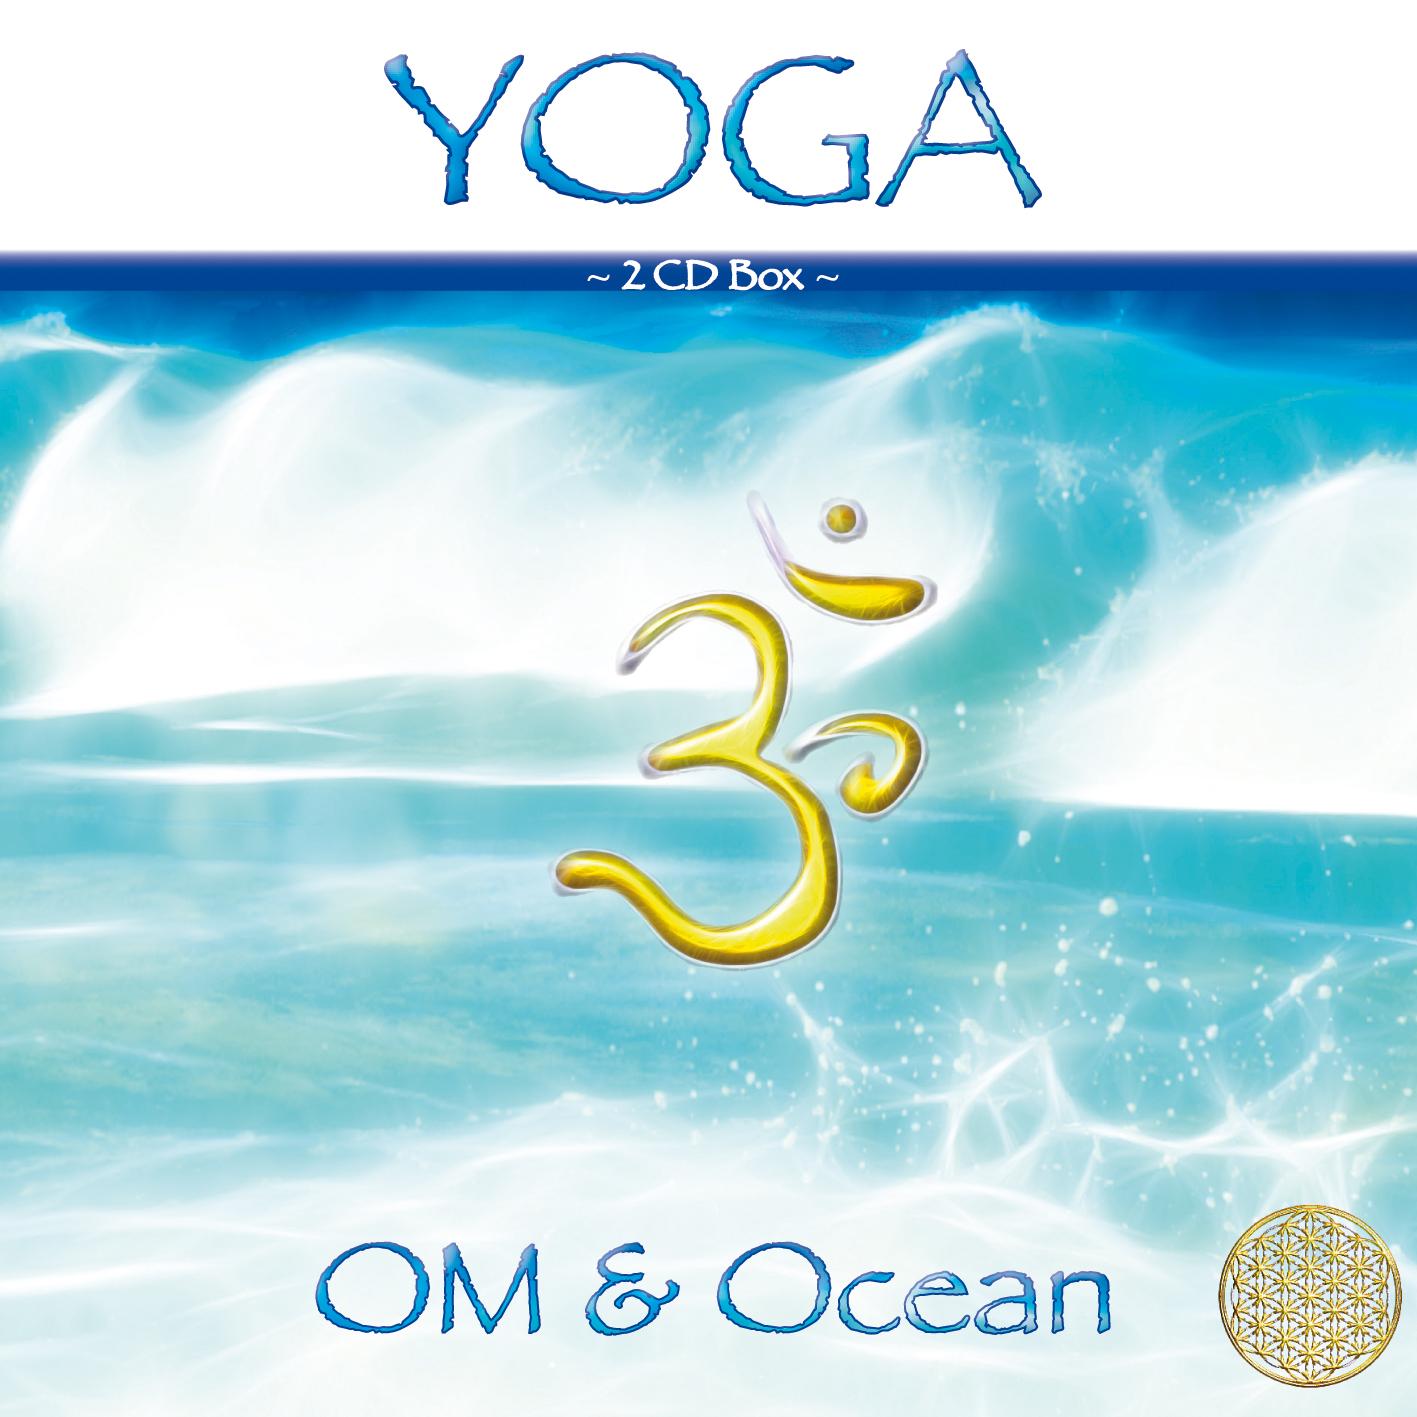 yoga om ocean box mit 2 cds von sayama amra verlag. Black Bedroom Furniture Sets. Home Design Ideas